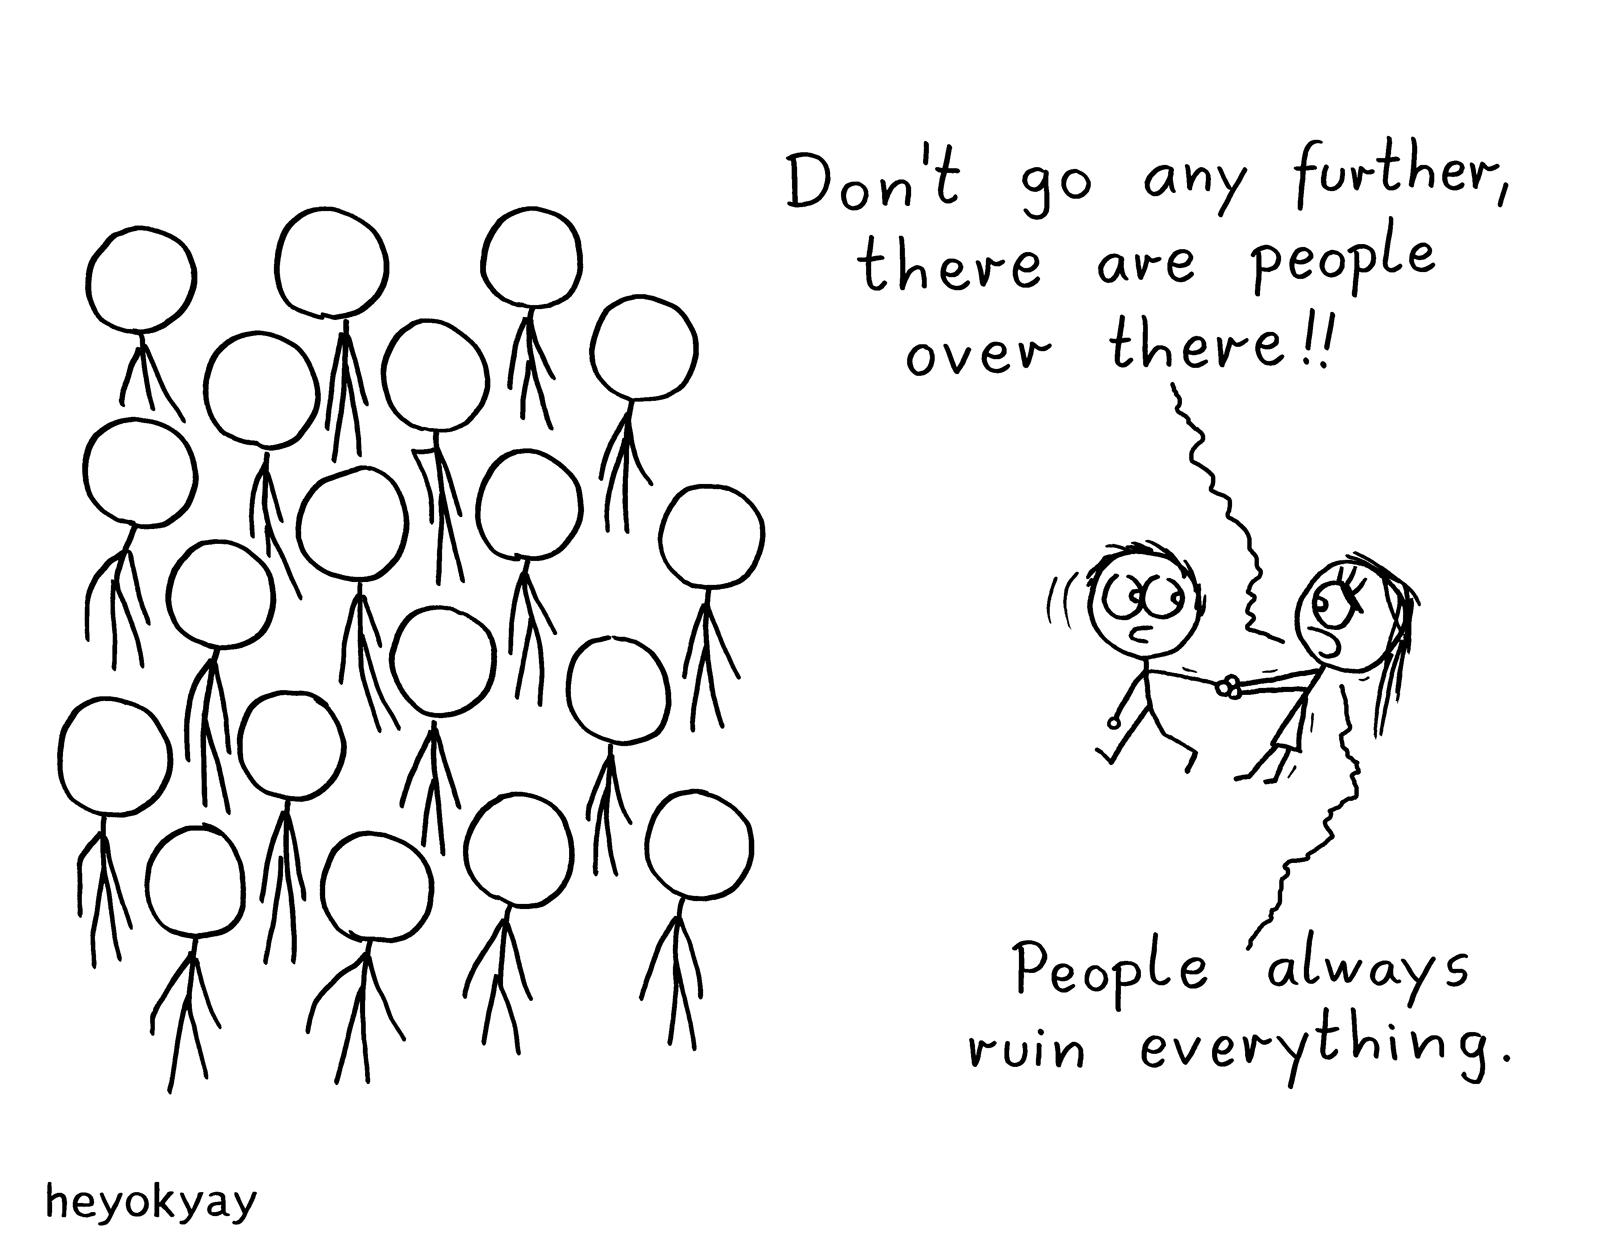 People heyokyay comic